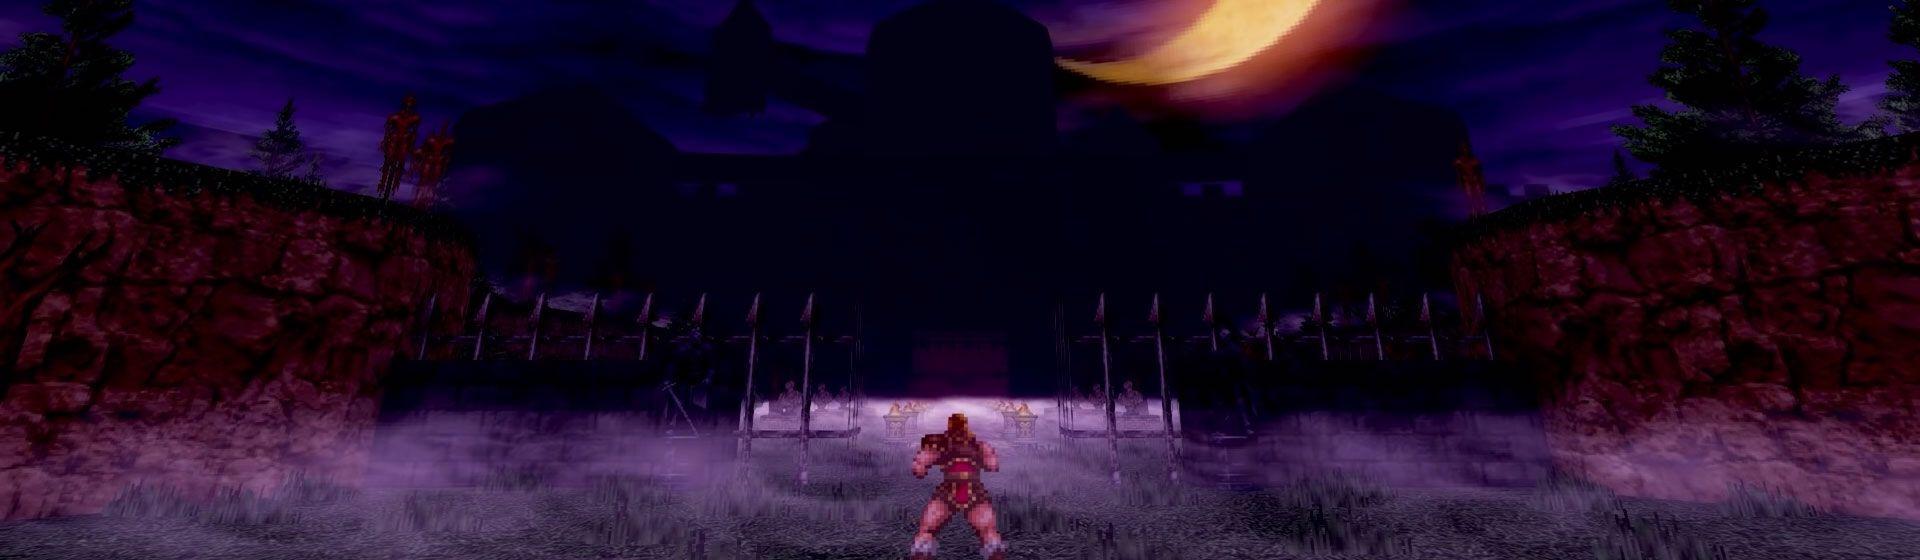 Castlevania ganha versão com jogabilidade de Doom